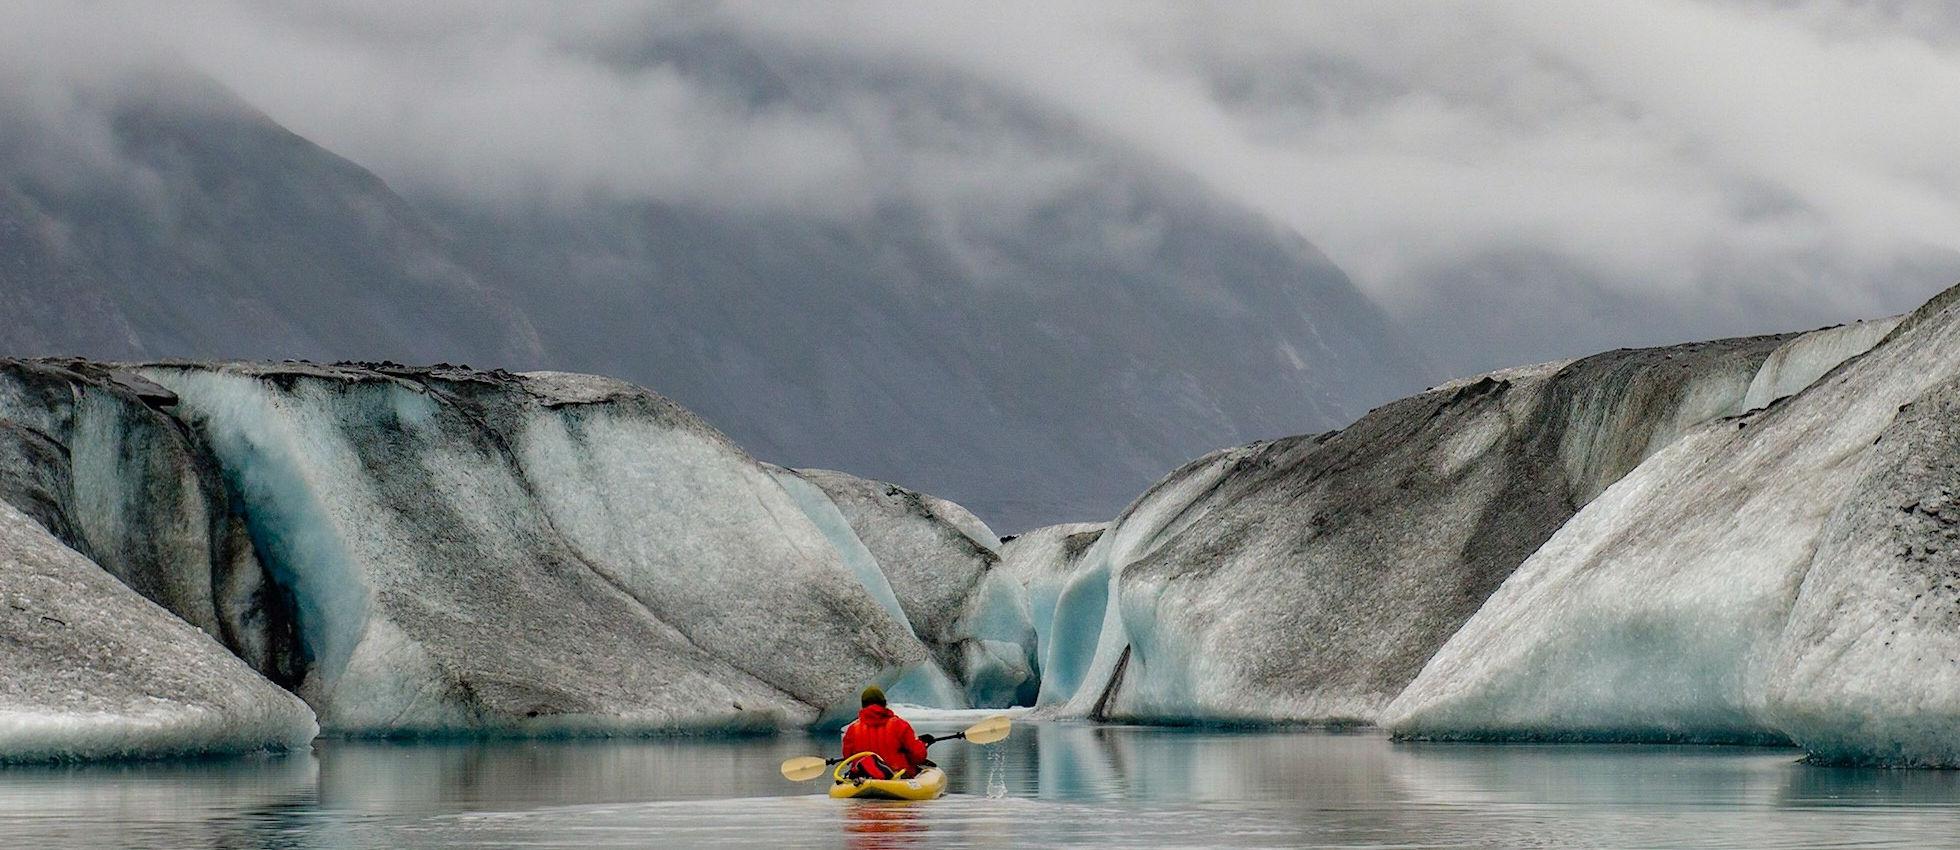 Summer Program - Hiking | ARCC Programs | Alaska: Leadership in the Last Frontier